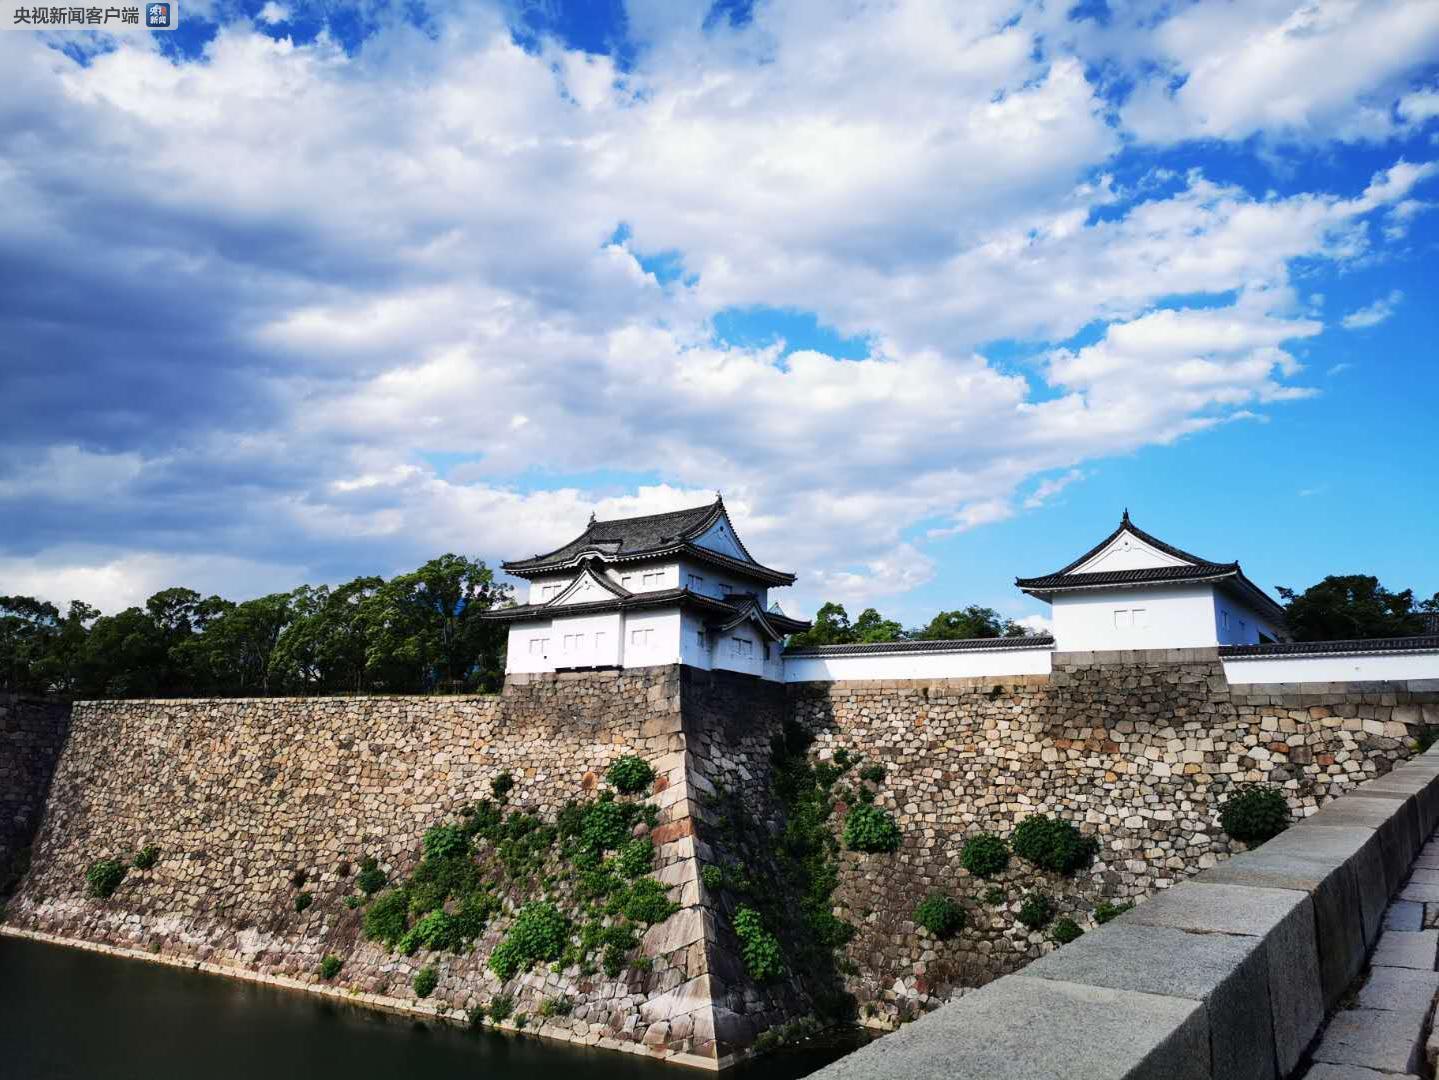 大阪城,位于日本大阪市中央区的大阪城公园内,始建于1583年。它和名古屋城、熊本城并列日本历史上的三名城。 大阪城是丰臣秀吉(1537年-1598年)时代日本繁荣的象征(央视记者荆伟拍摄)